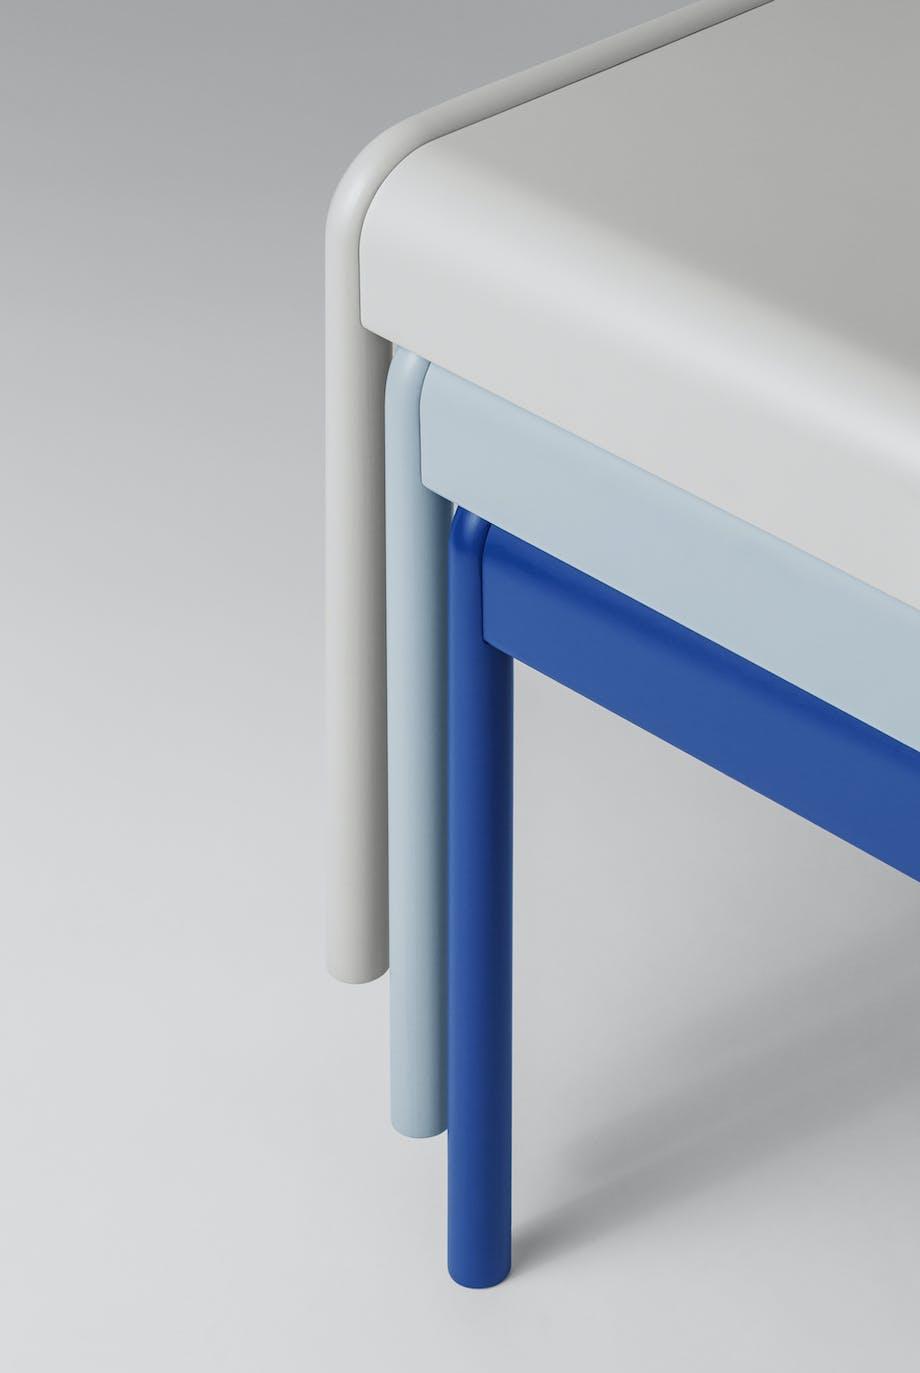 TAKT nyt dansk designbrand